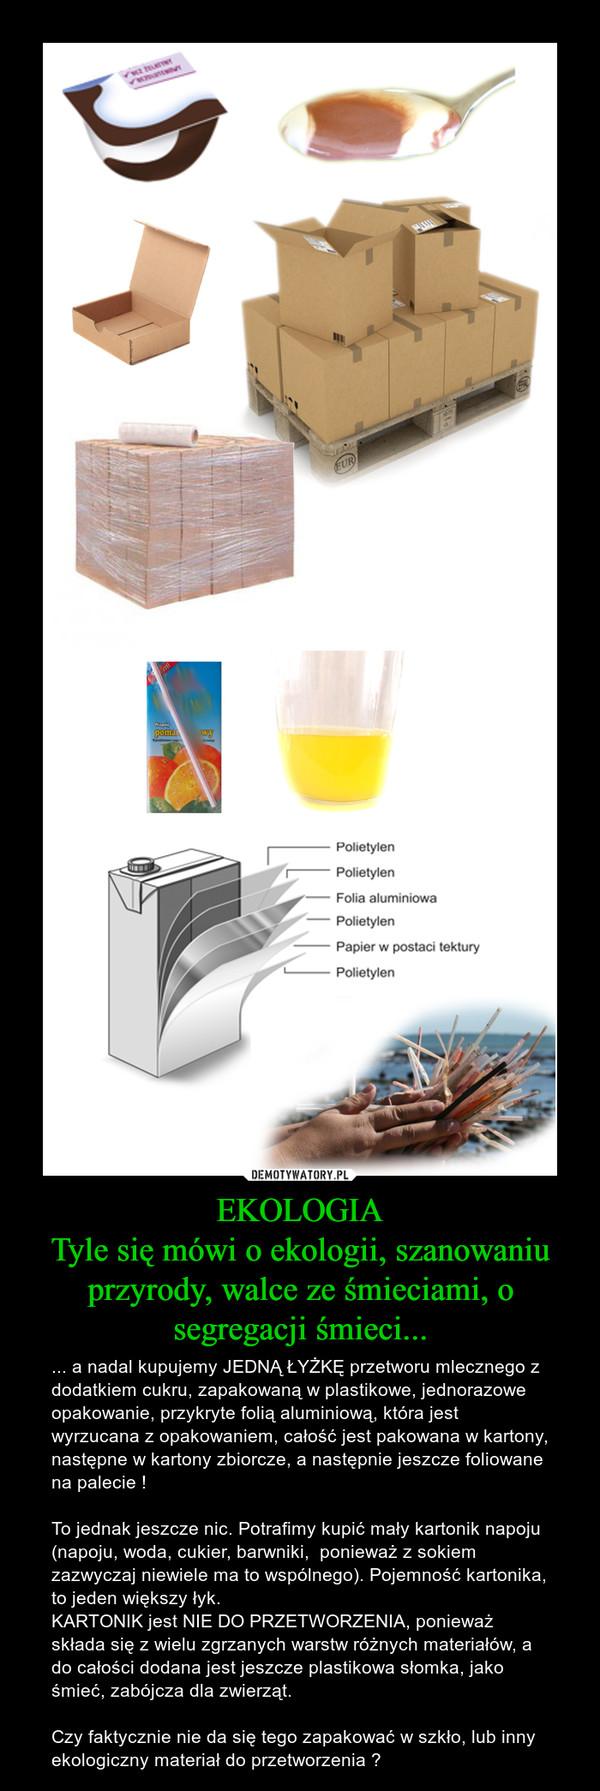 EKOLOGIATyle się mówi o ekologii, szanowaniu przyrody, walce ze śmieciami, o segregacji śmieci... – ... a nadal kupujemy JEDNĄ ŁYŻKĘ przetworu mlecznego z dodatkiem cukru, zapakowaną w plastikowe, jednorazowe opakowanie, przykryte folią aluminiową, która jest wyrzucana z opakowaniem, całość jest pakowana w kartony, następne w kartony zbiorcze, a następnie jeszcze foliowane na palecie !To jednak jeszcze nic. Potrafimy kupić mały kartonik napoju (napoju, woda, cukier, barwniki,  ponieważ z sokiem zazwyczaj niewiele ma to wspólnego). Pojemność kartonika, to jeden większy łyk. KARTONIK jest NIE DO PRZETWORZENIA, ponieważ składa się z wielu zgrzanych warstw różnych materiałów, a do całości dodana jest jeszcze plastikowa słomka, jako śmieć, zabójcza dla zwierząt.Czy faktycznie nie da się tego zapakować w szkło, lub inny ekologiczny materiał do przetworzenia ?